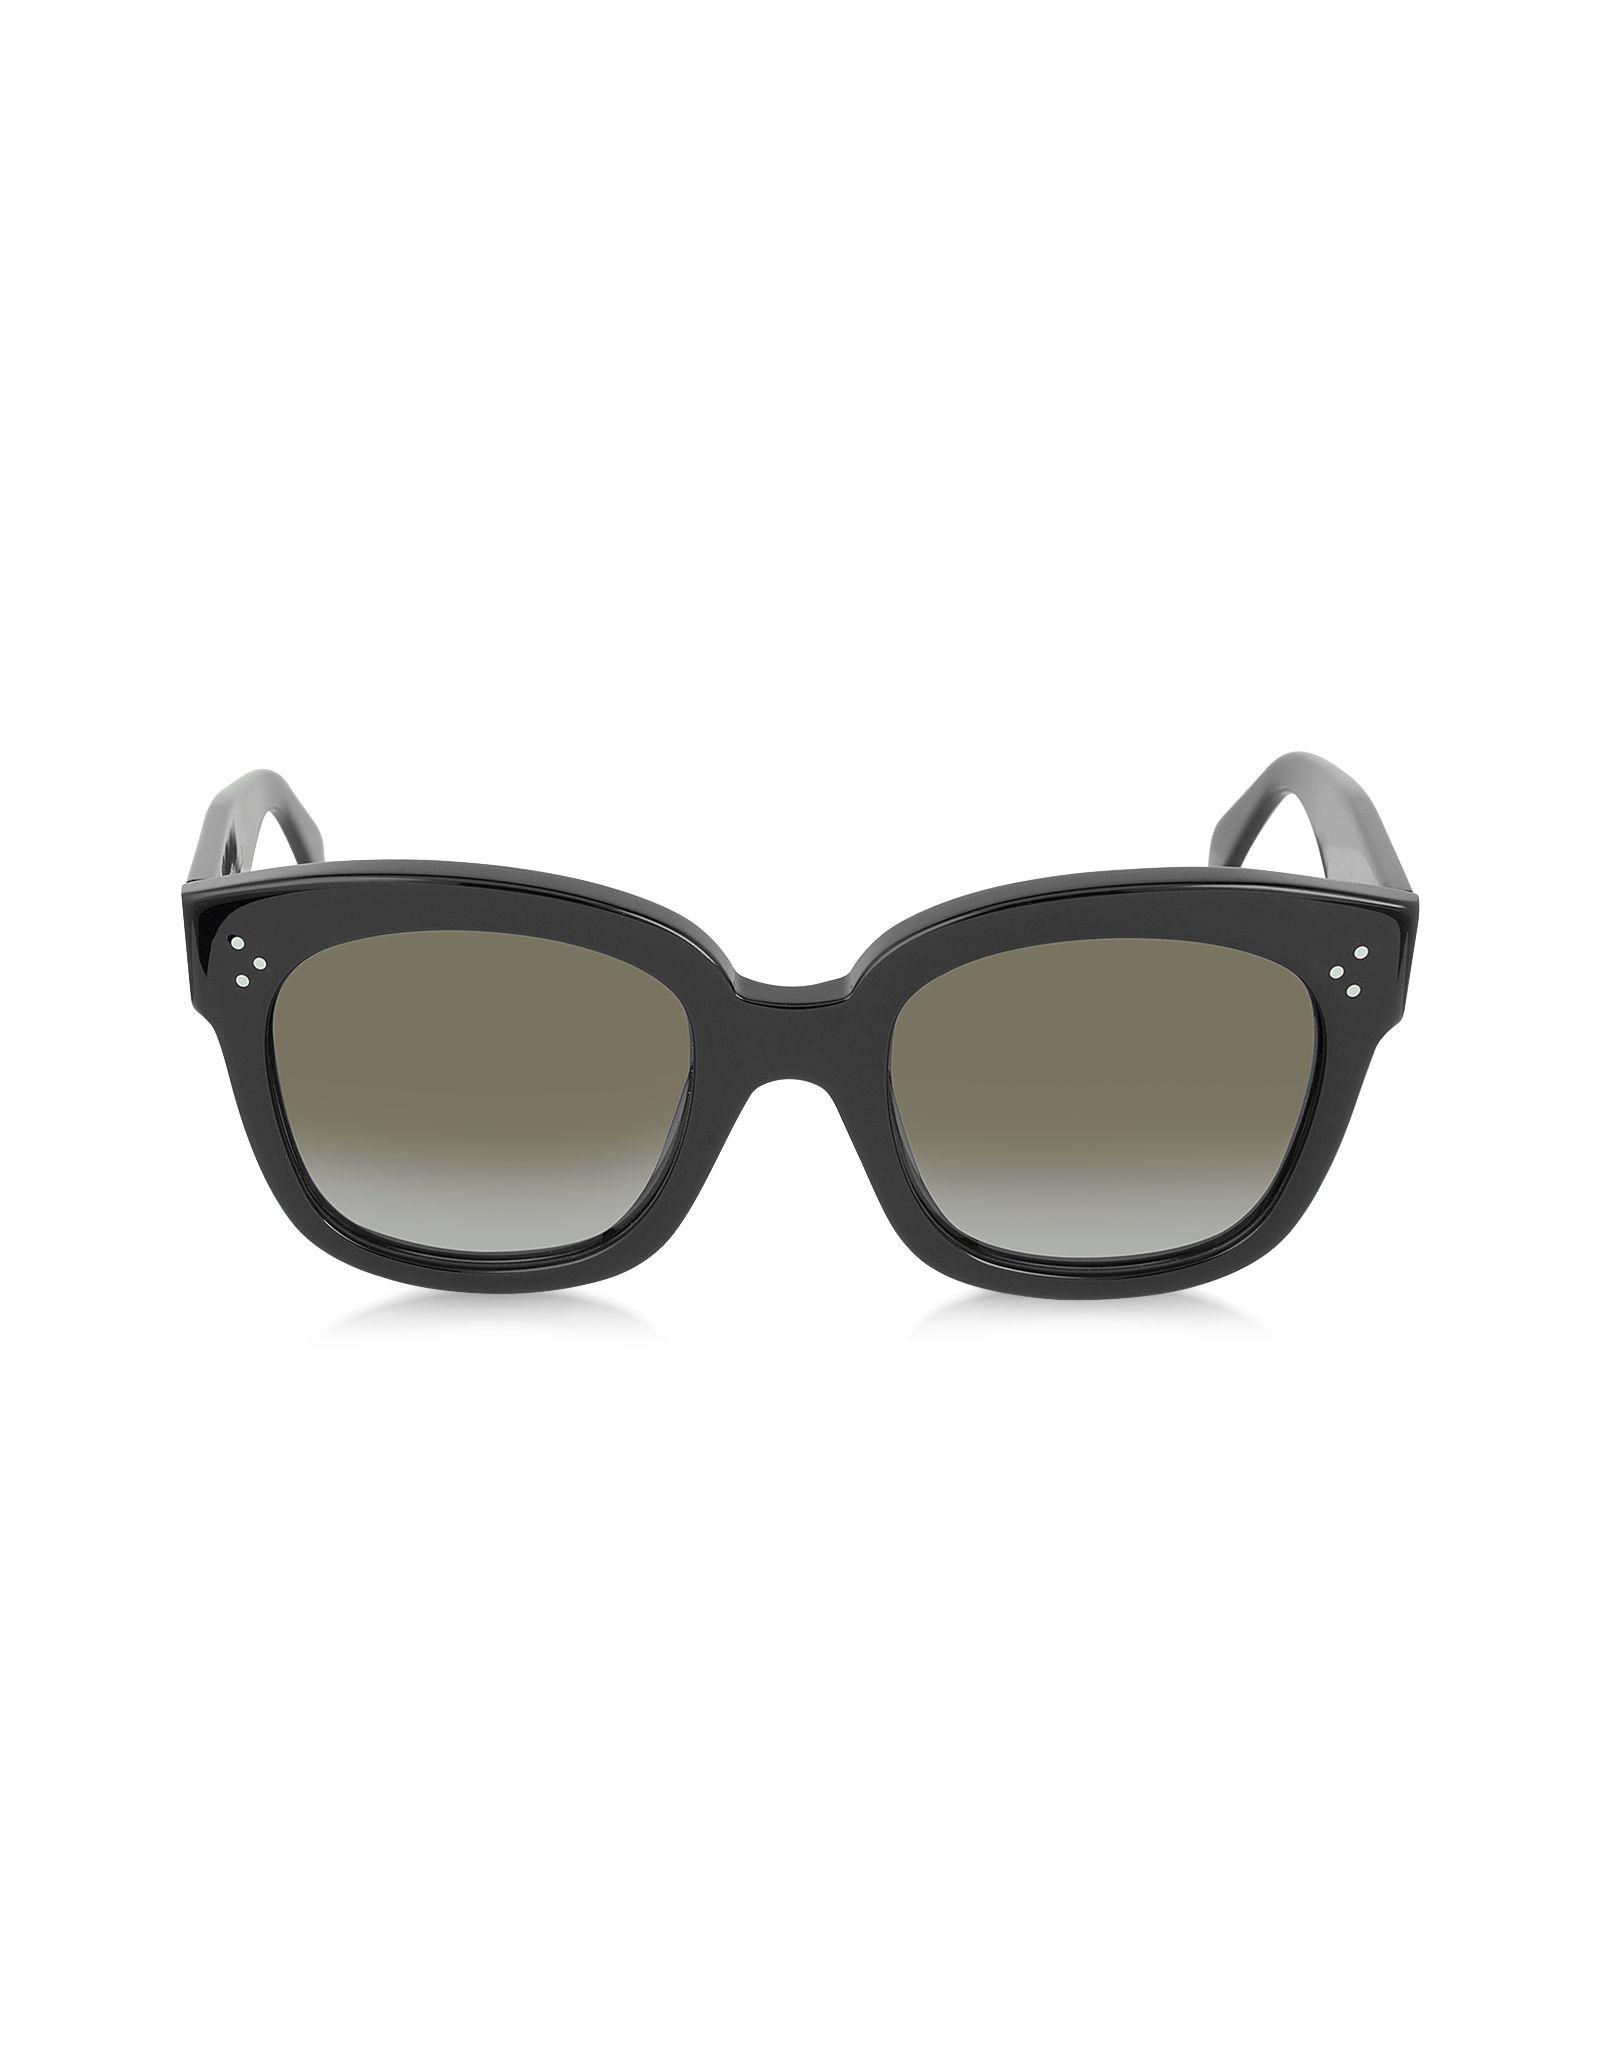 7890fbc7df7f Céline Black Gradient Brown CL41805 S New Audrey Black Acetate Sunglasses  at FORZIERI